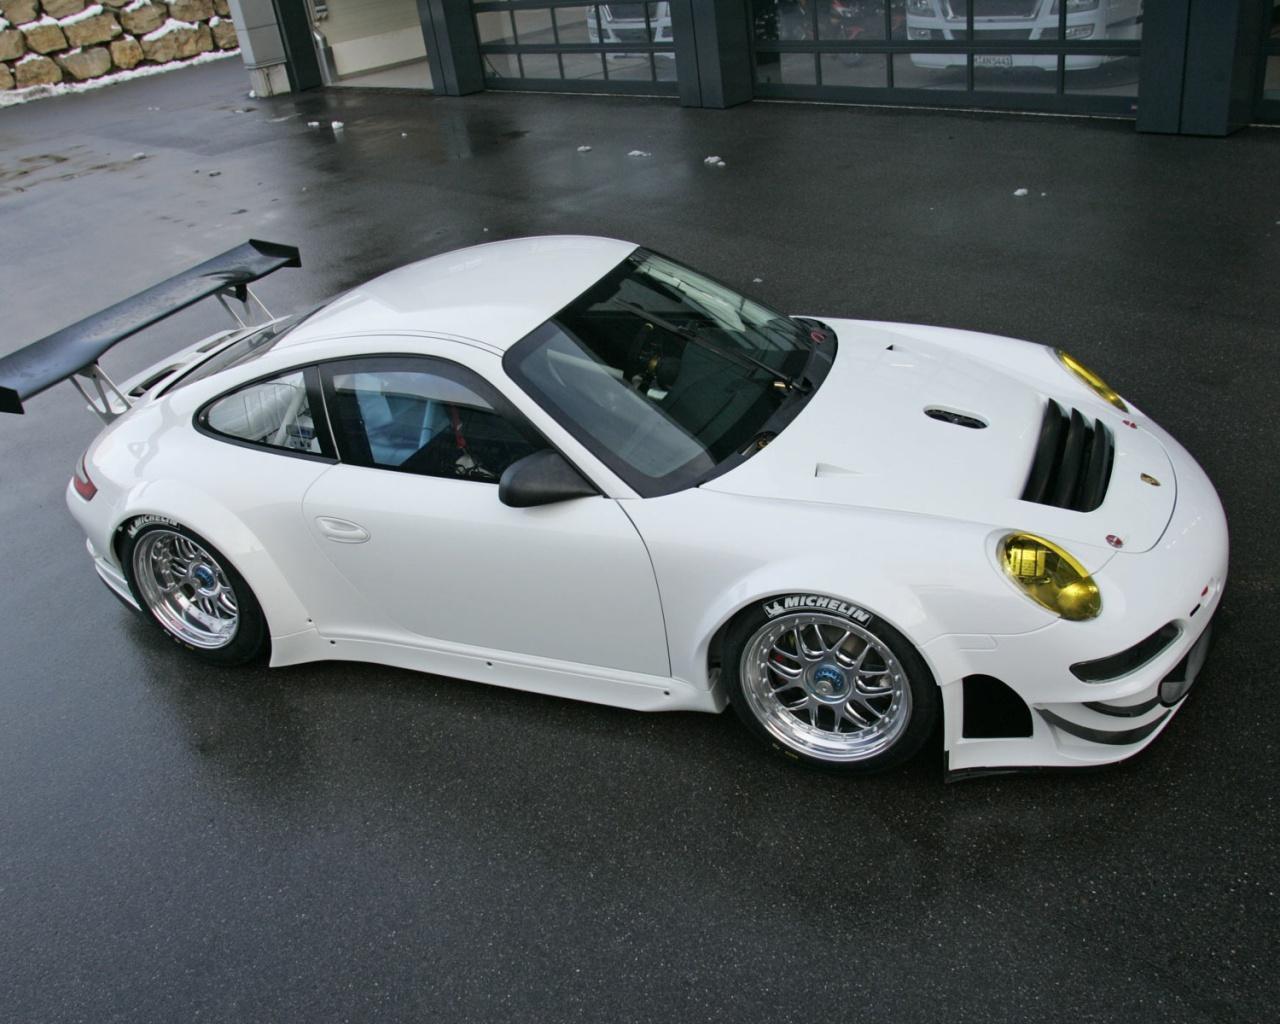 Порш впервый раз с минувшего года отзывает модели 911 иBoxster